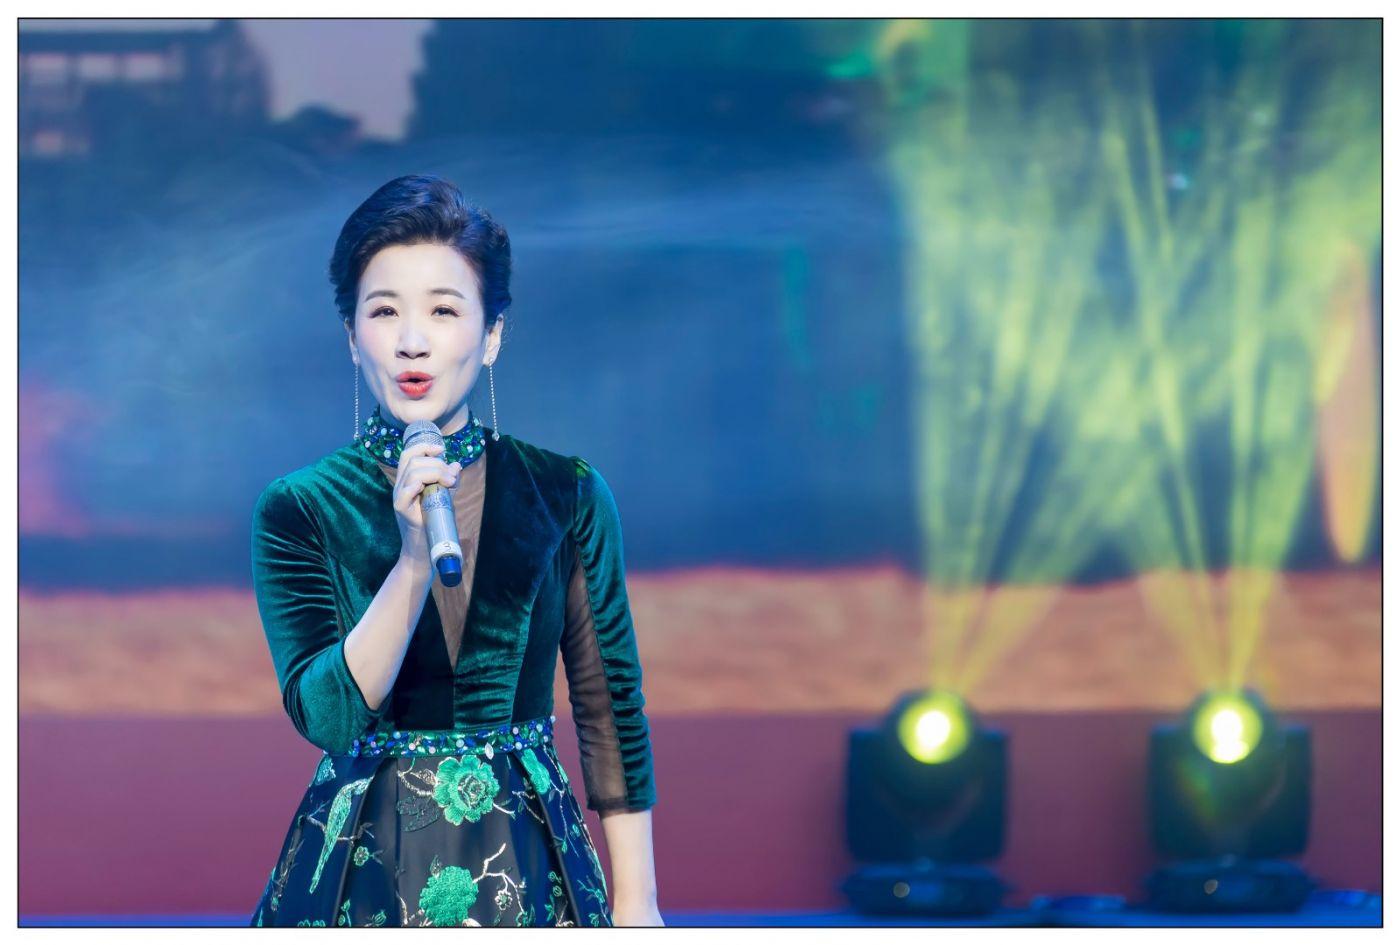 又见星光大道冠军歌手张海军 1月26央视播出 将自己唱哭的歌手 ..._图1-16